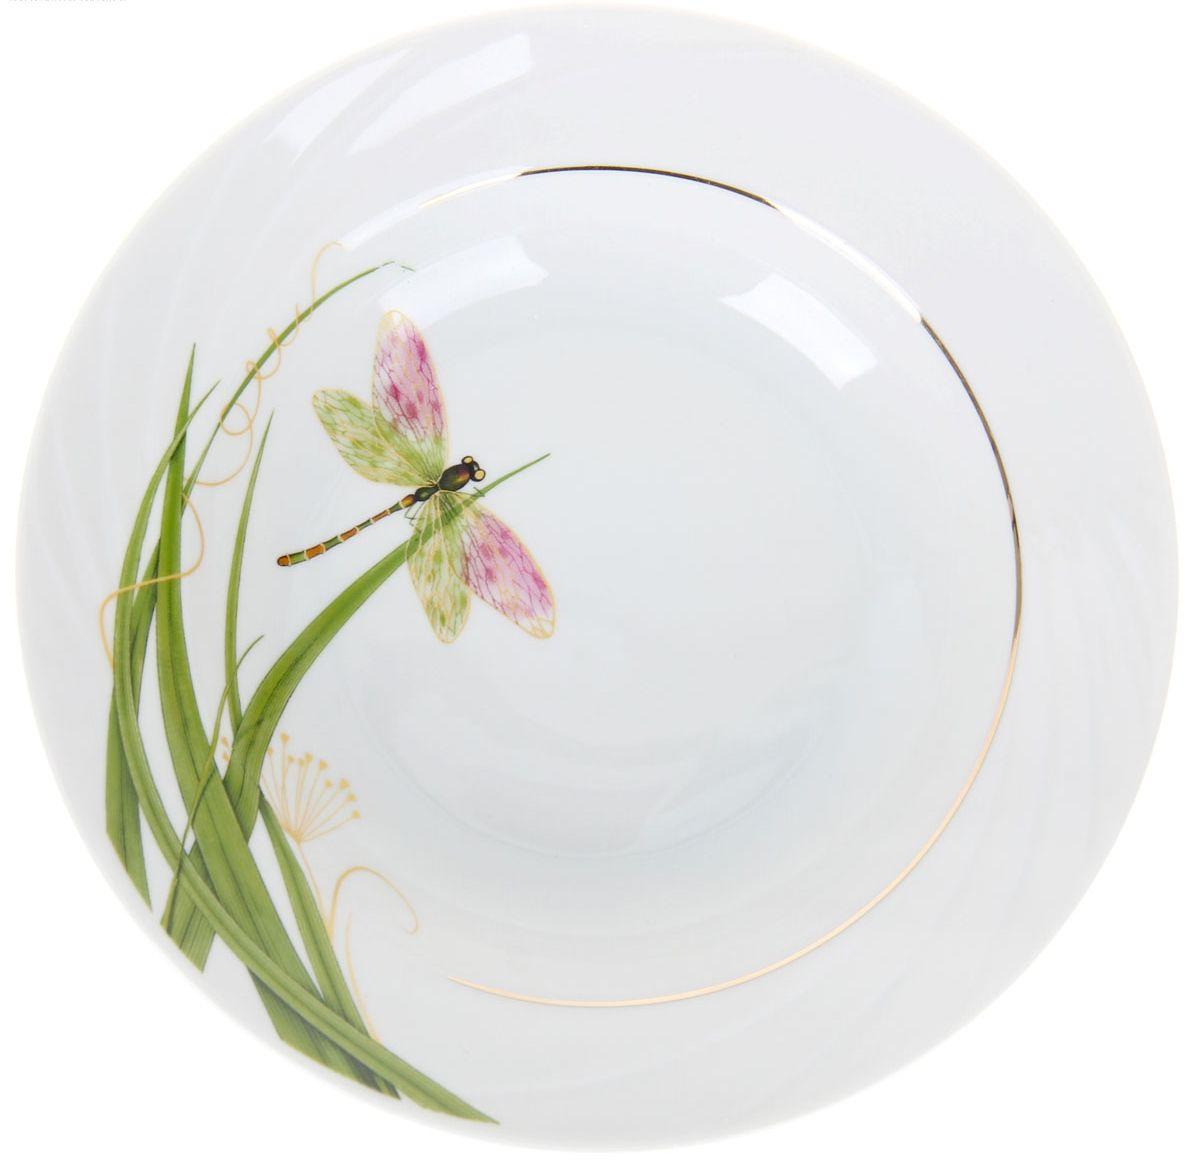 Тарелка глубокая Голубка. Стрекоза, диаметр 20 см1224525Глубокая тарелка Голубка. Стрекоза выполнена из высококачественного фарфора и оформлена изображением стрекозы. Изделие сочетает в себе изысканный дизайн с максимальной функциональностью. Она прекрасно впишется в интерьер вашей кухни и станет достойным дополнением к кухонному инвентарю. Тарелка Голубка. Стрекоза подчеркнет прекрасный вкус хозяйки и станет отличным подарком. Диаметр: 20 см.